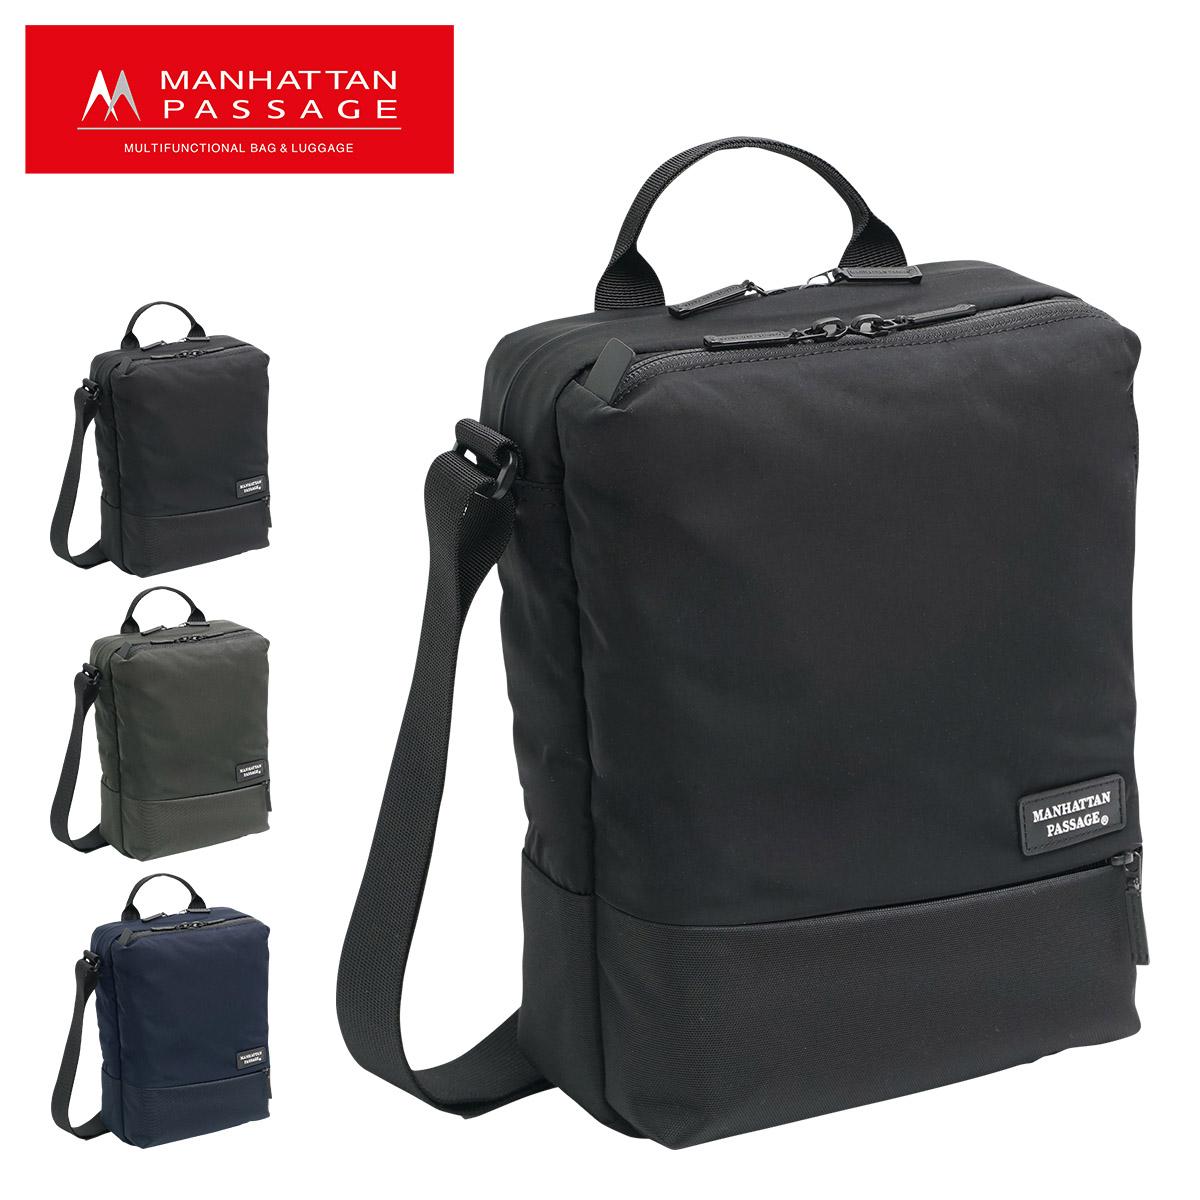 マンハッタンパッセージ ショルダーバッグ エスト 5365 MANHATTAN PASSAGE EST   ビジネスバッグ B4 防水通勤バッグ 高密度ナイロン[PO10][bef]